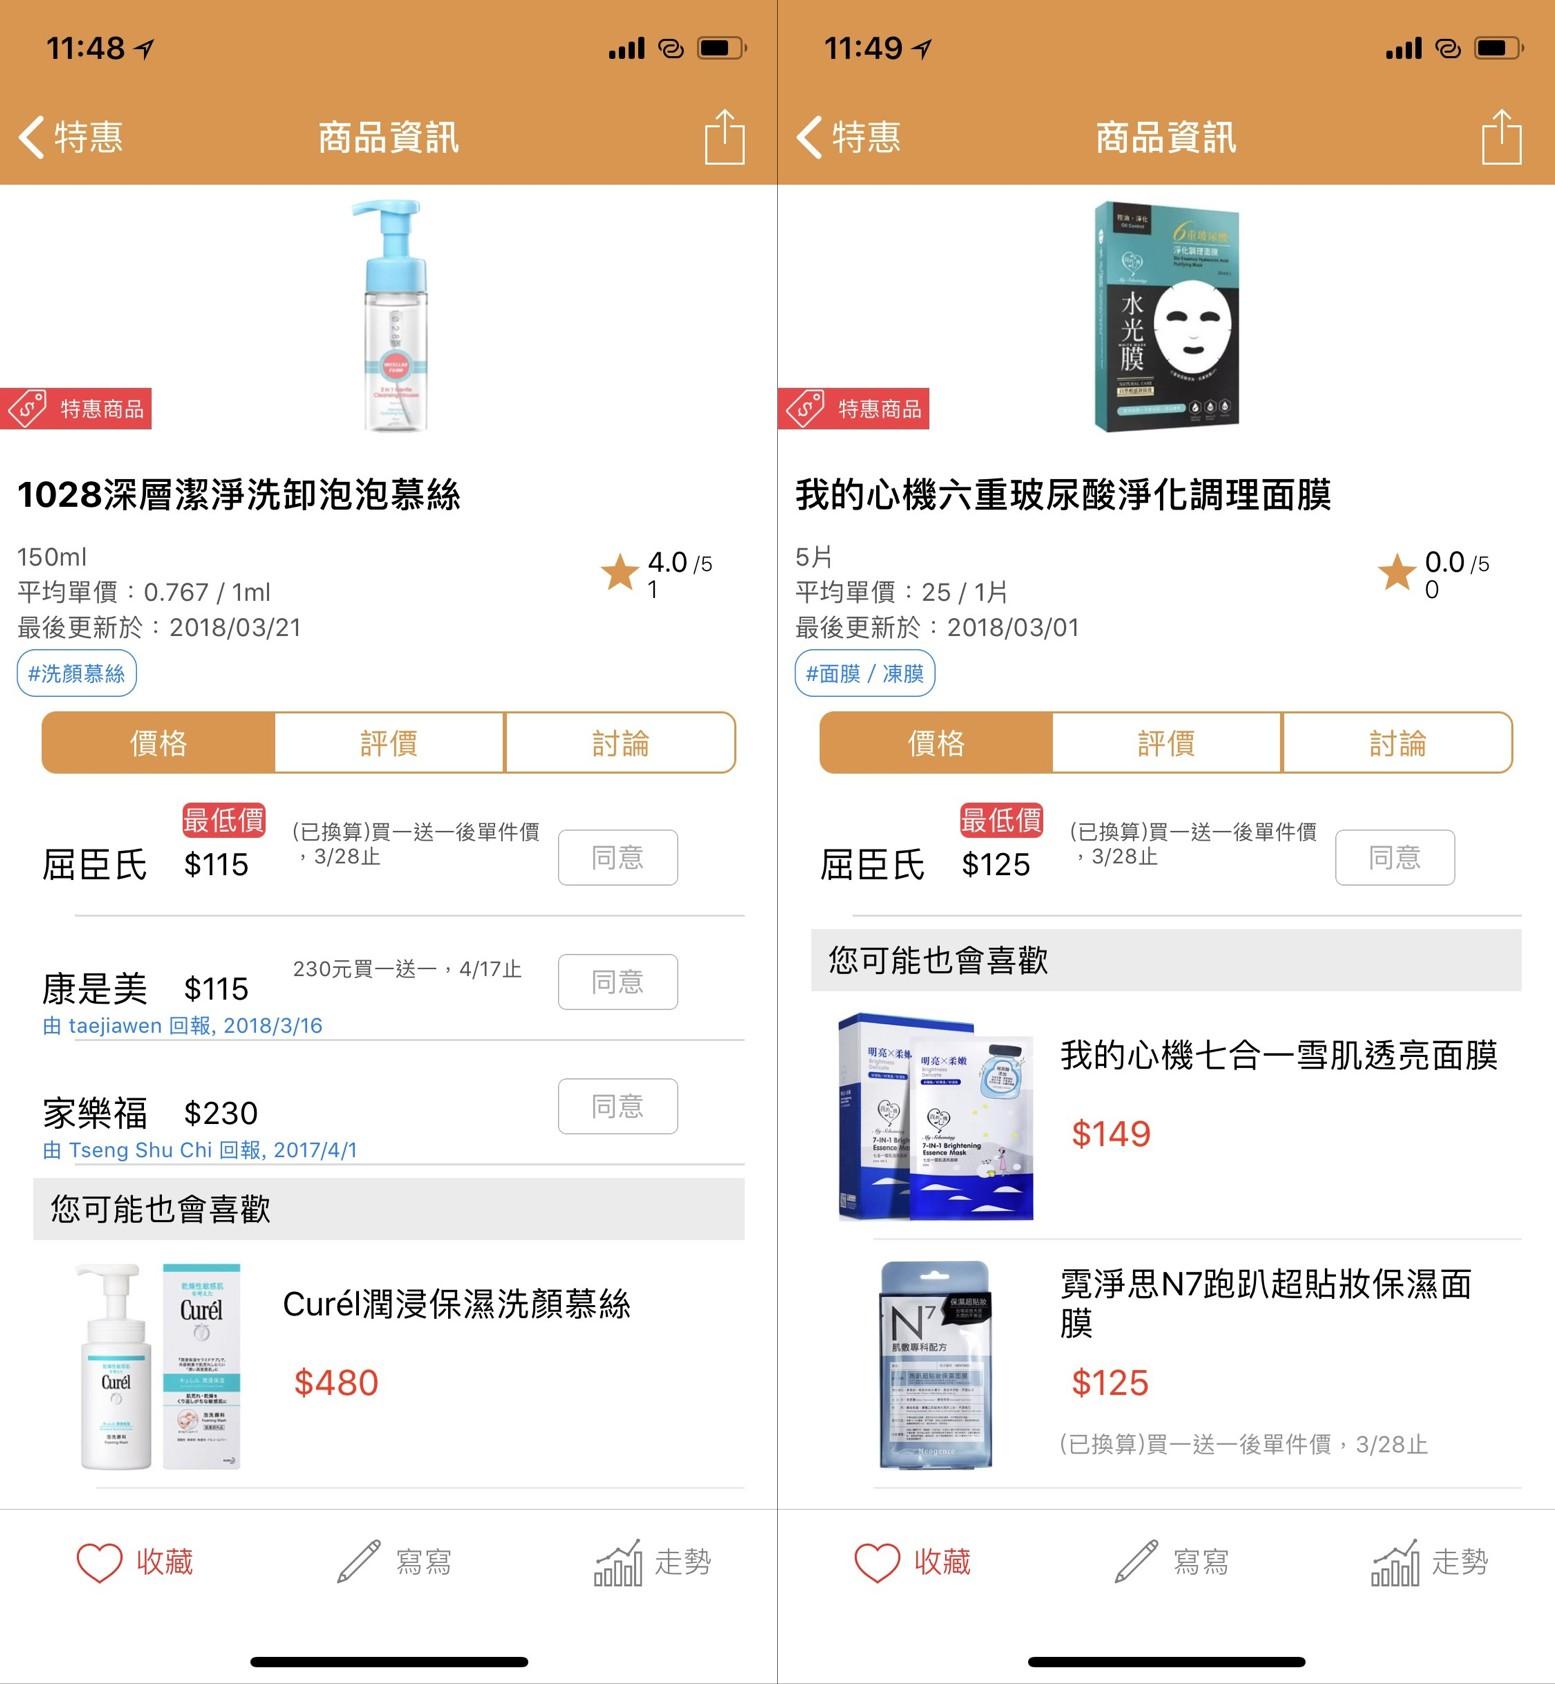 《讀者投稿》買生活用品想撿便宜?用 iCheck 幫你比出最優惠的價格! 1